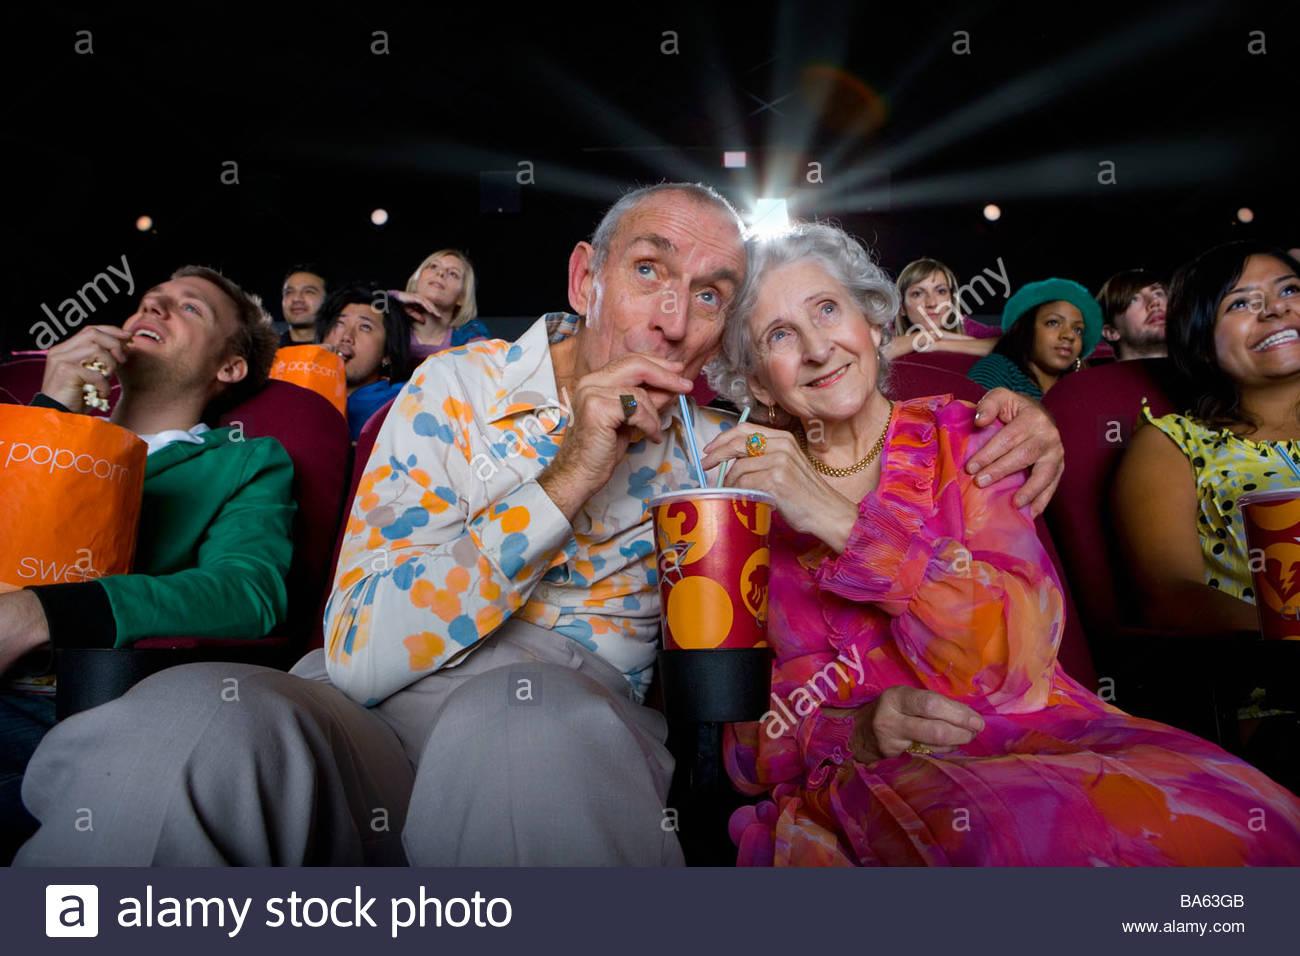 Coppia senior drink di condivisione nel cinema a basso angolo di visione Immagini Stock